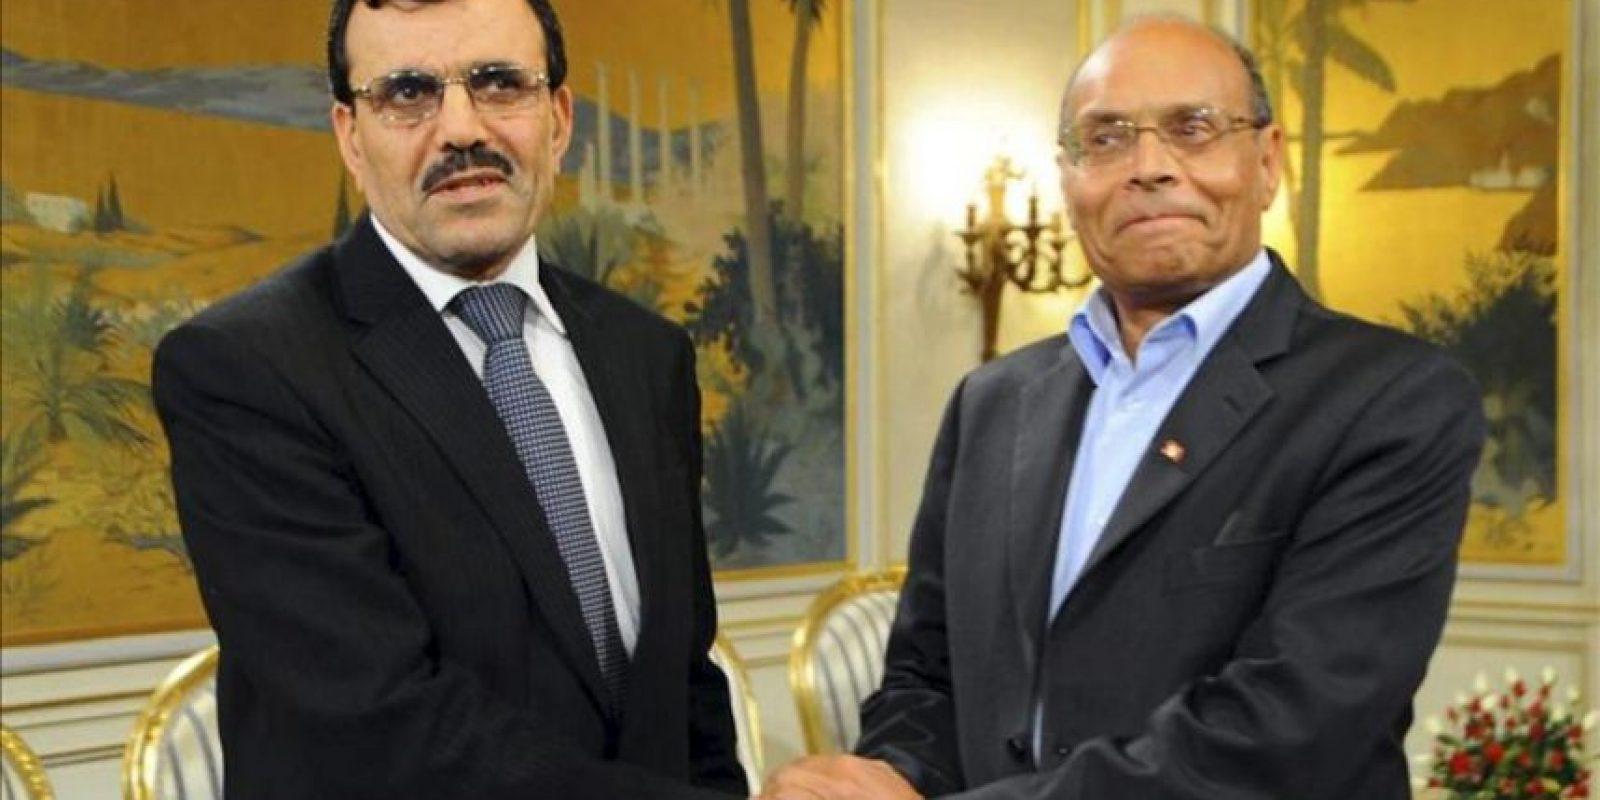 El presidente tunecino, Moncef Marzuki (d), da la mano al exministro de Interior, Ali Laridi, nuevo jefe del Ejecutivo tras la dimisión el pasado martes de Hamadi Yabali, en Túnez, Túnez hoy, viernes 22 de febrero de 2013. EFE